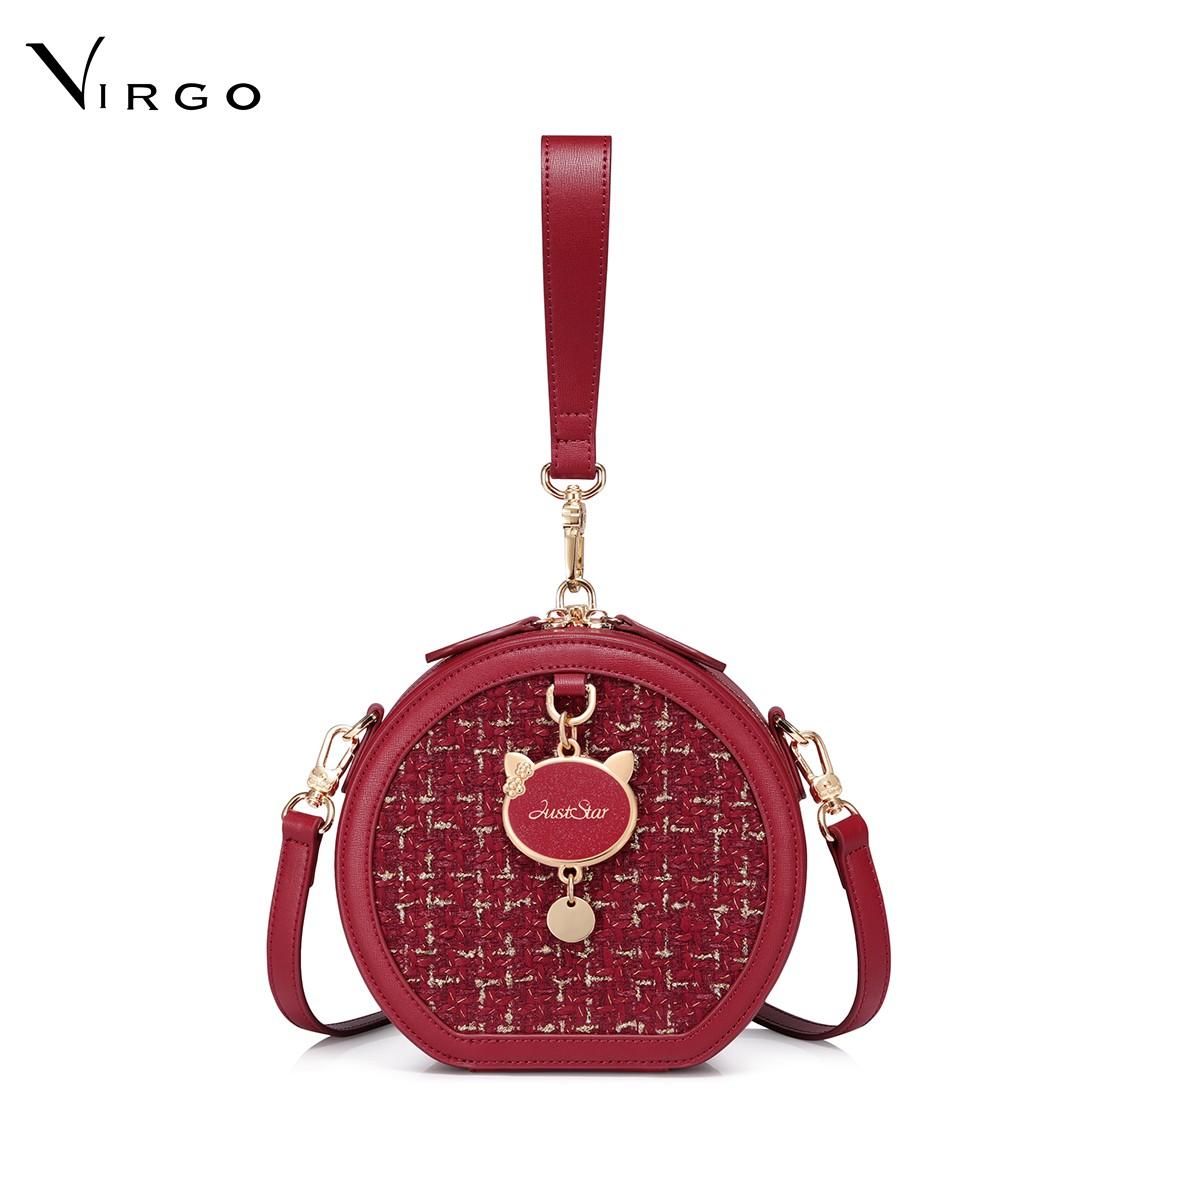 Túi nữ dáng tròn Just Star Virgo VG495